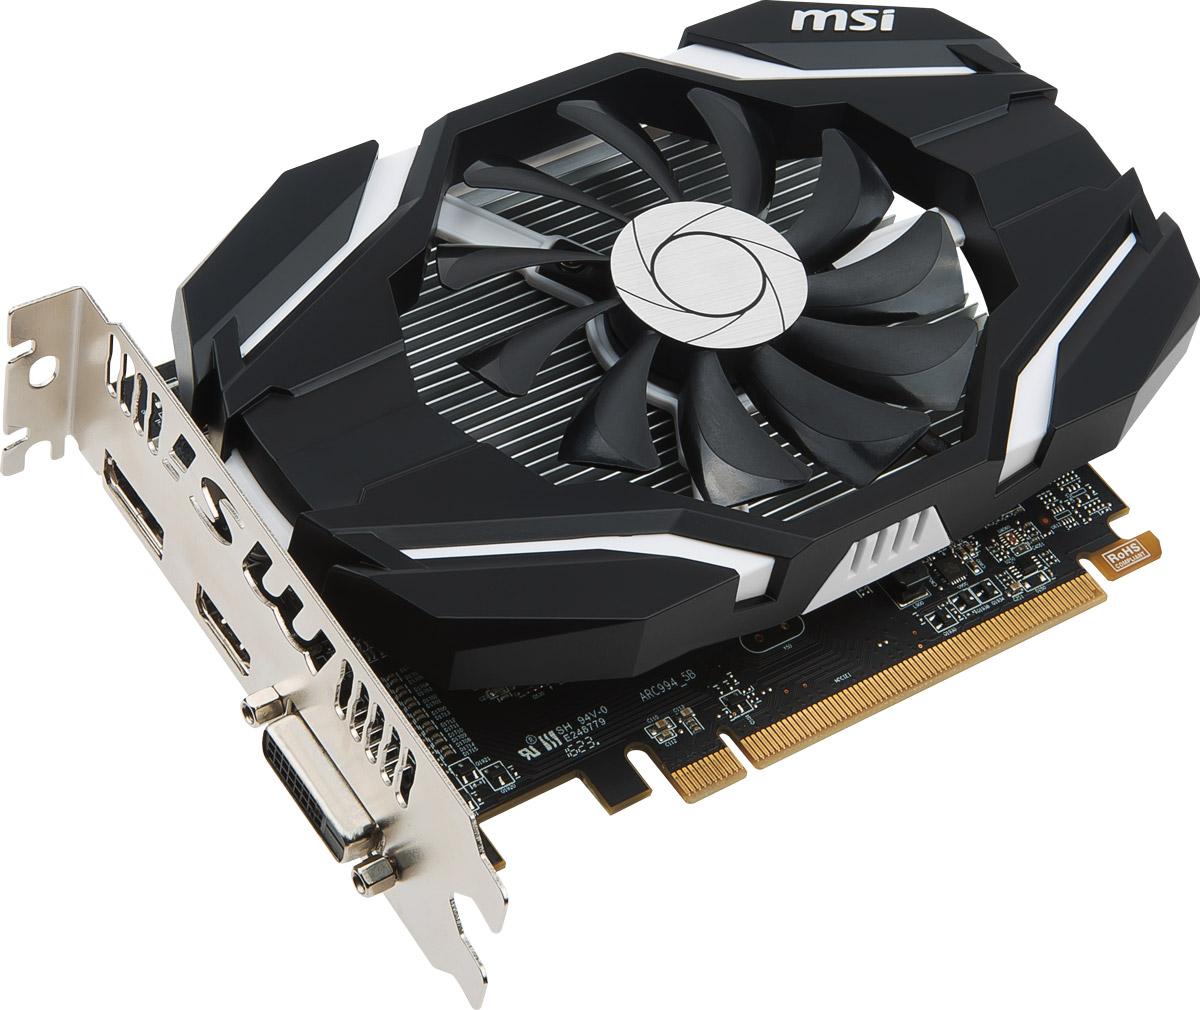 MSI Radeon RX 460 OC 2GB видеокартаRX 460 2G OC MSI